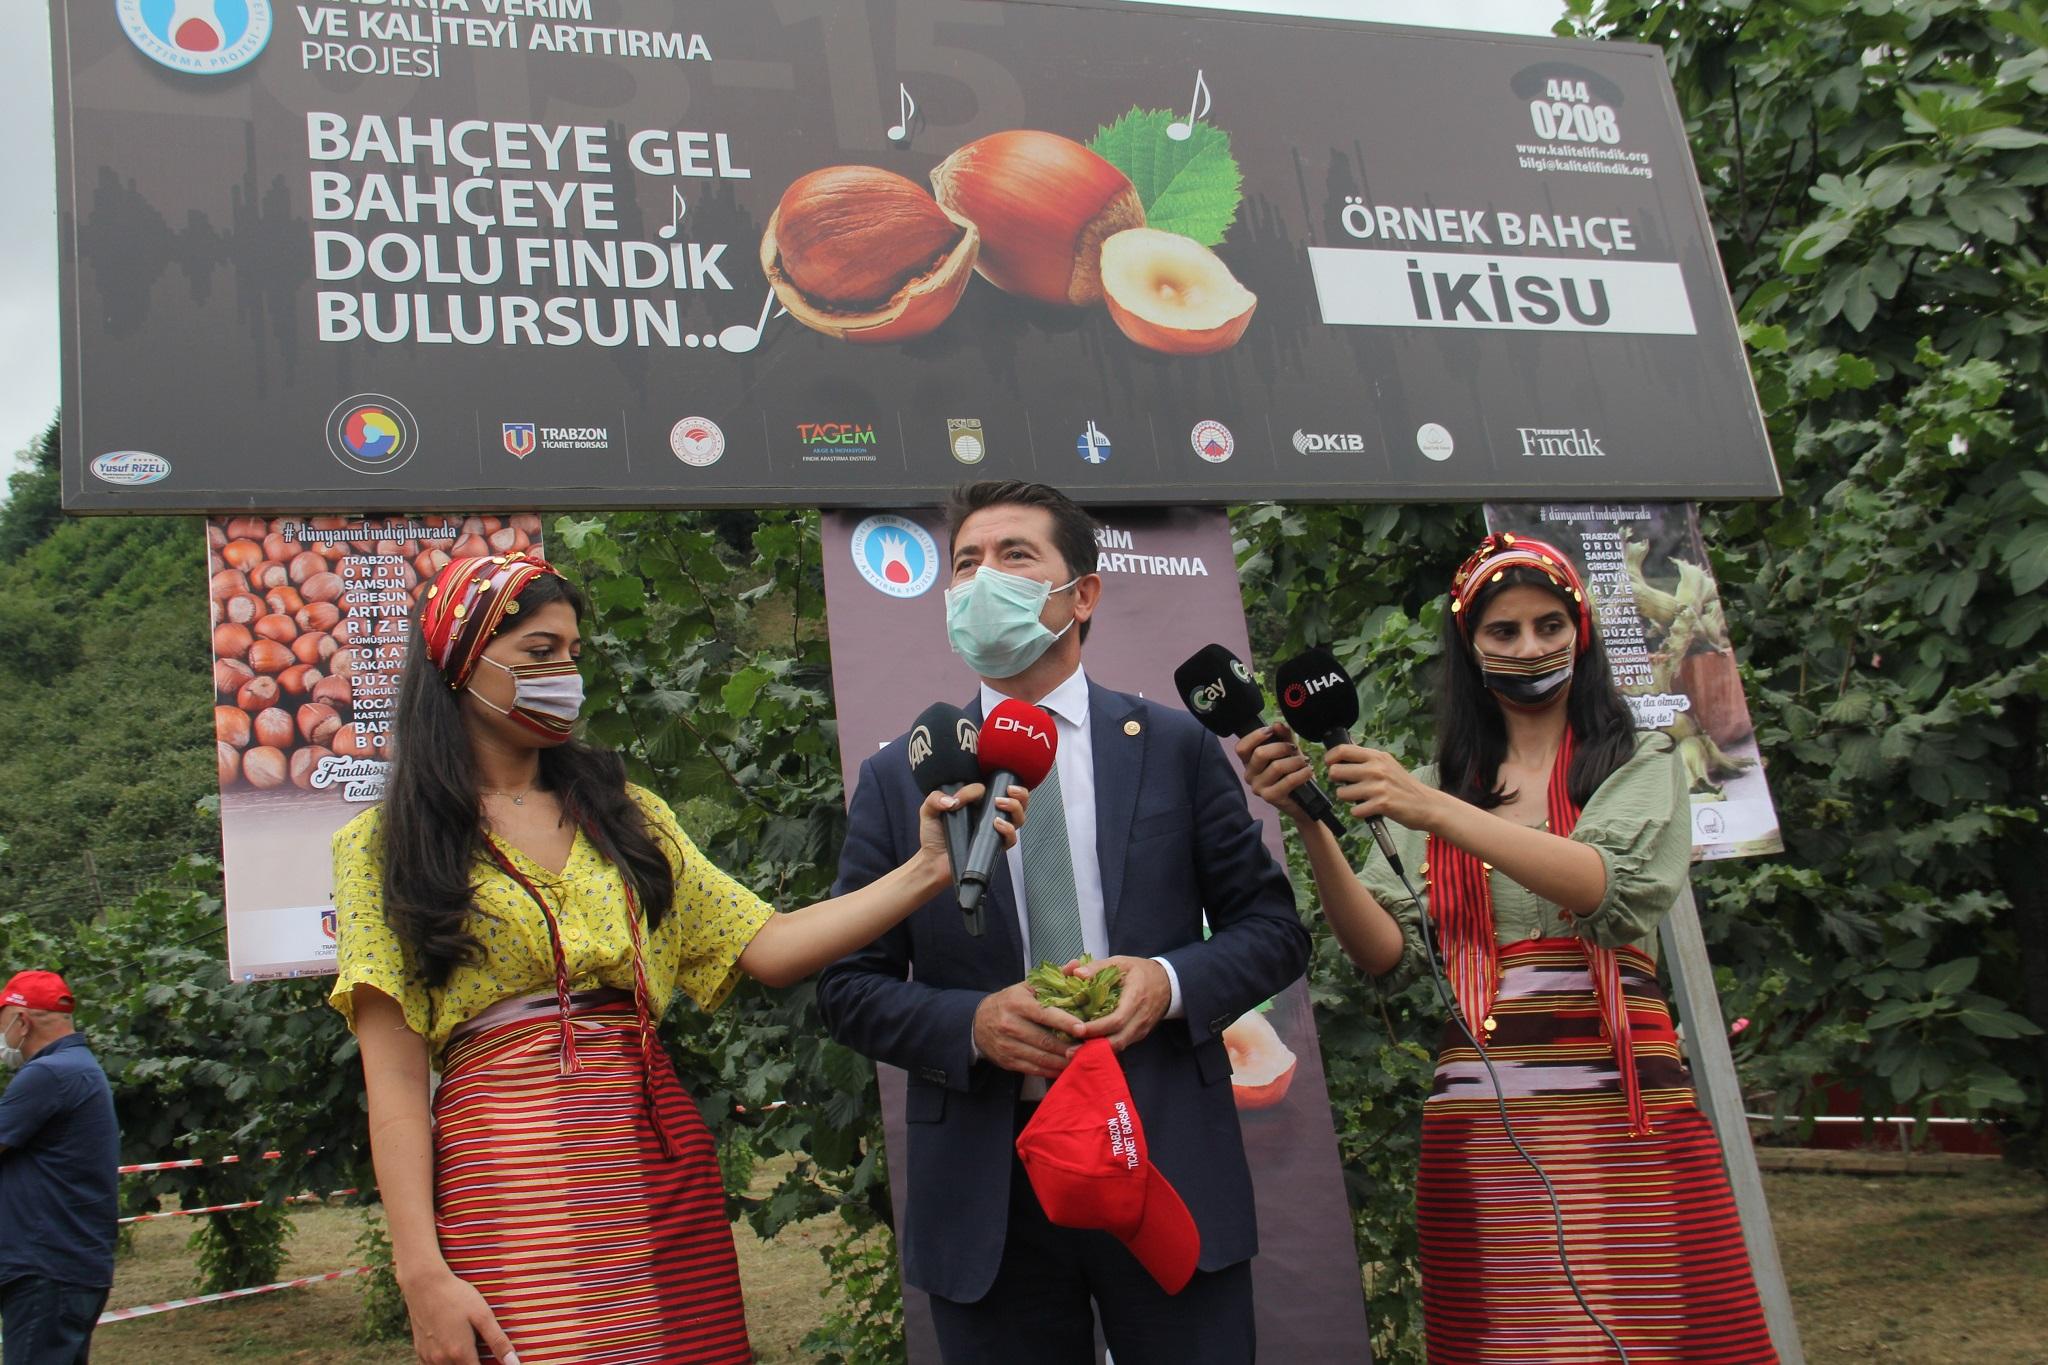 Milletvekili Ahmet Kaya'dan örnek fındık bahçesine övgü